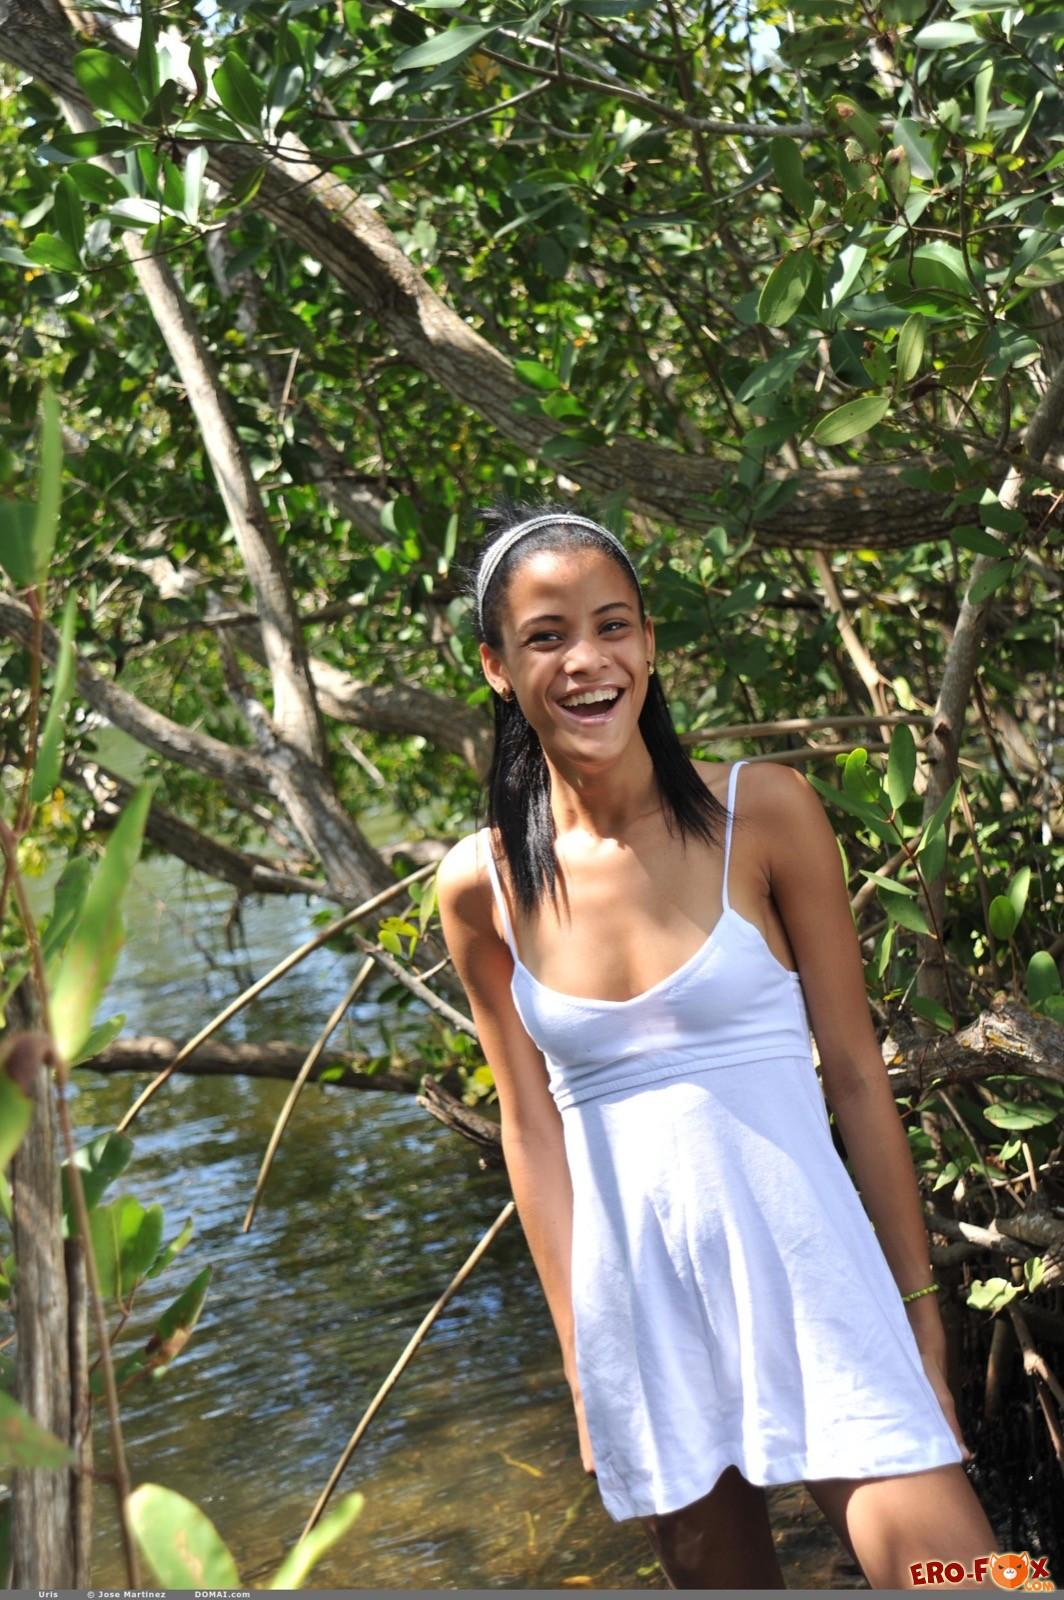 Сексуальная смуглая девушка купается в речке